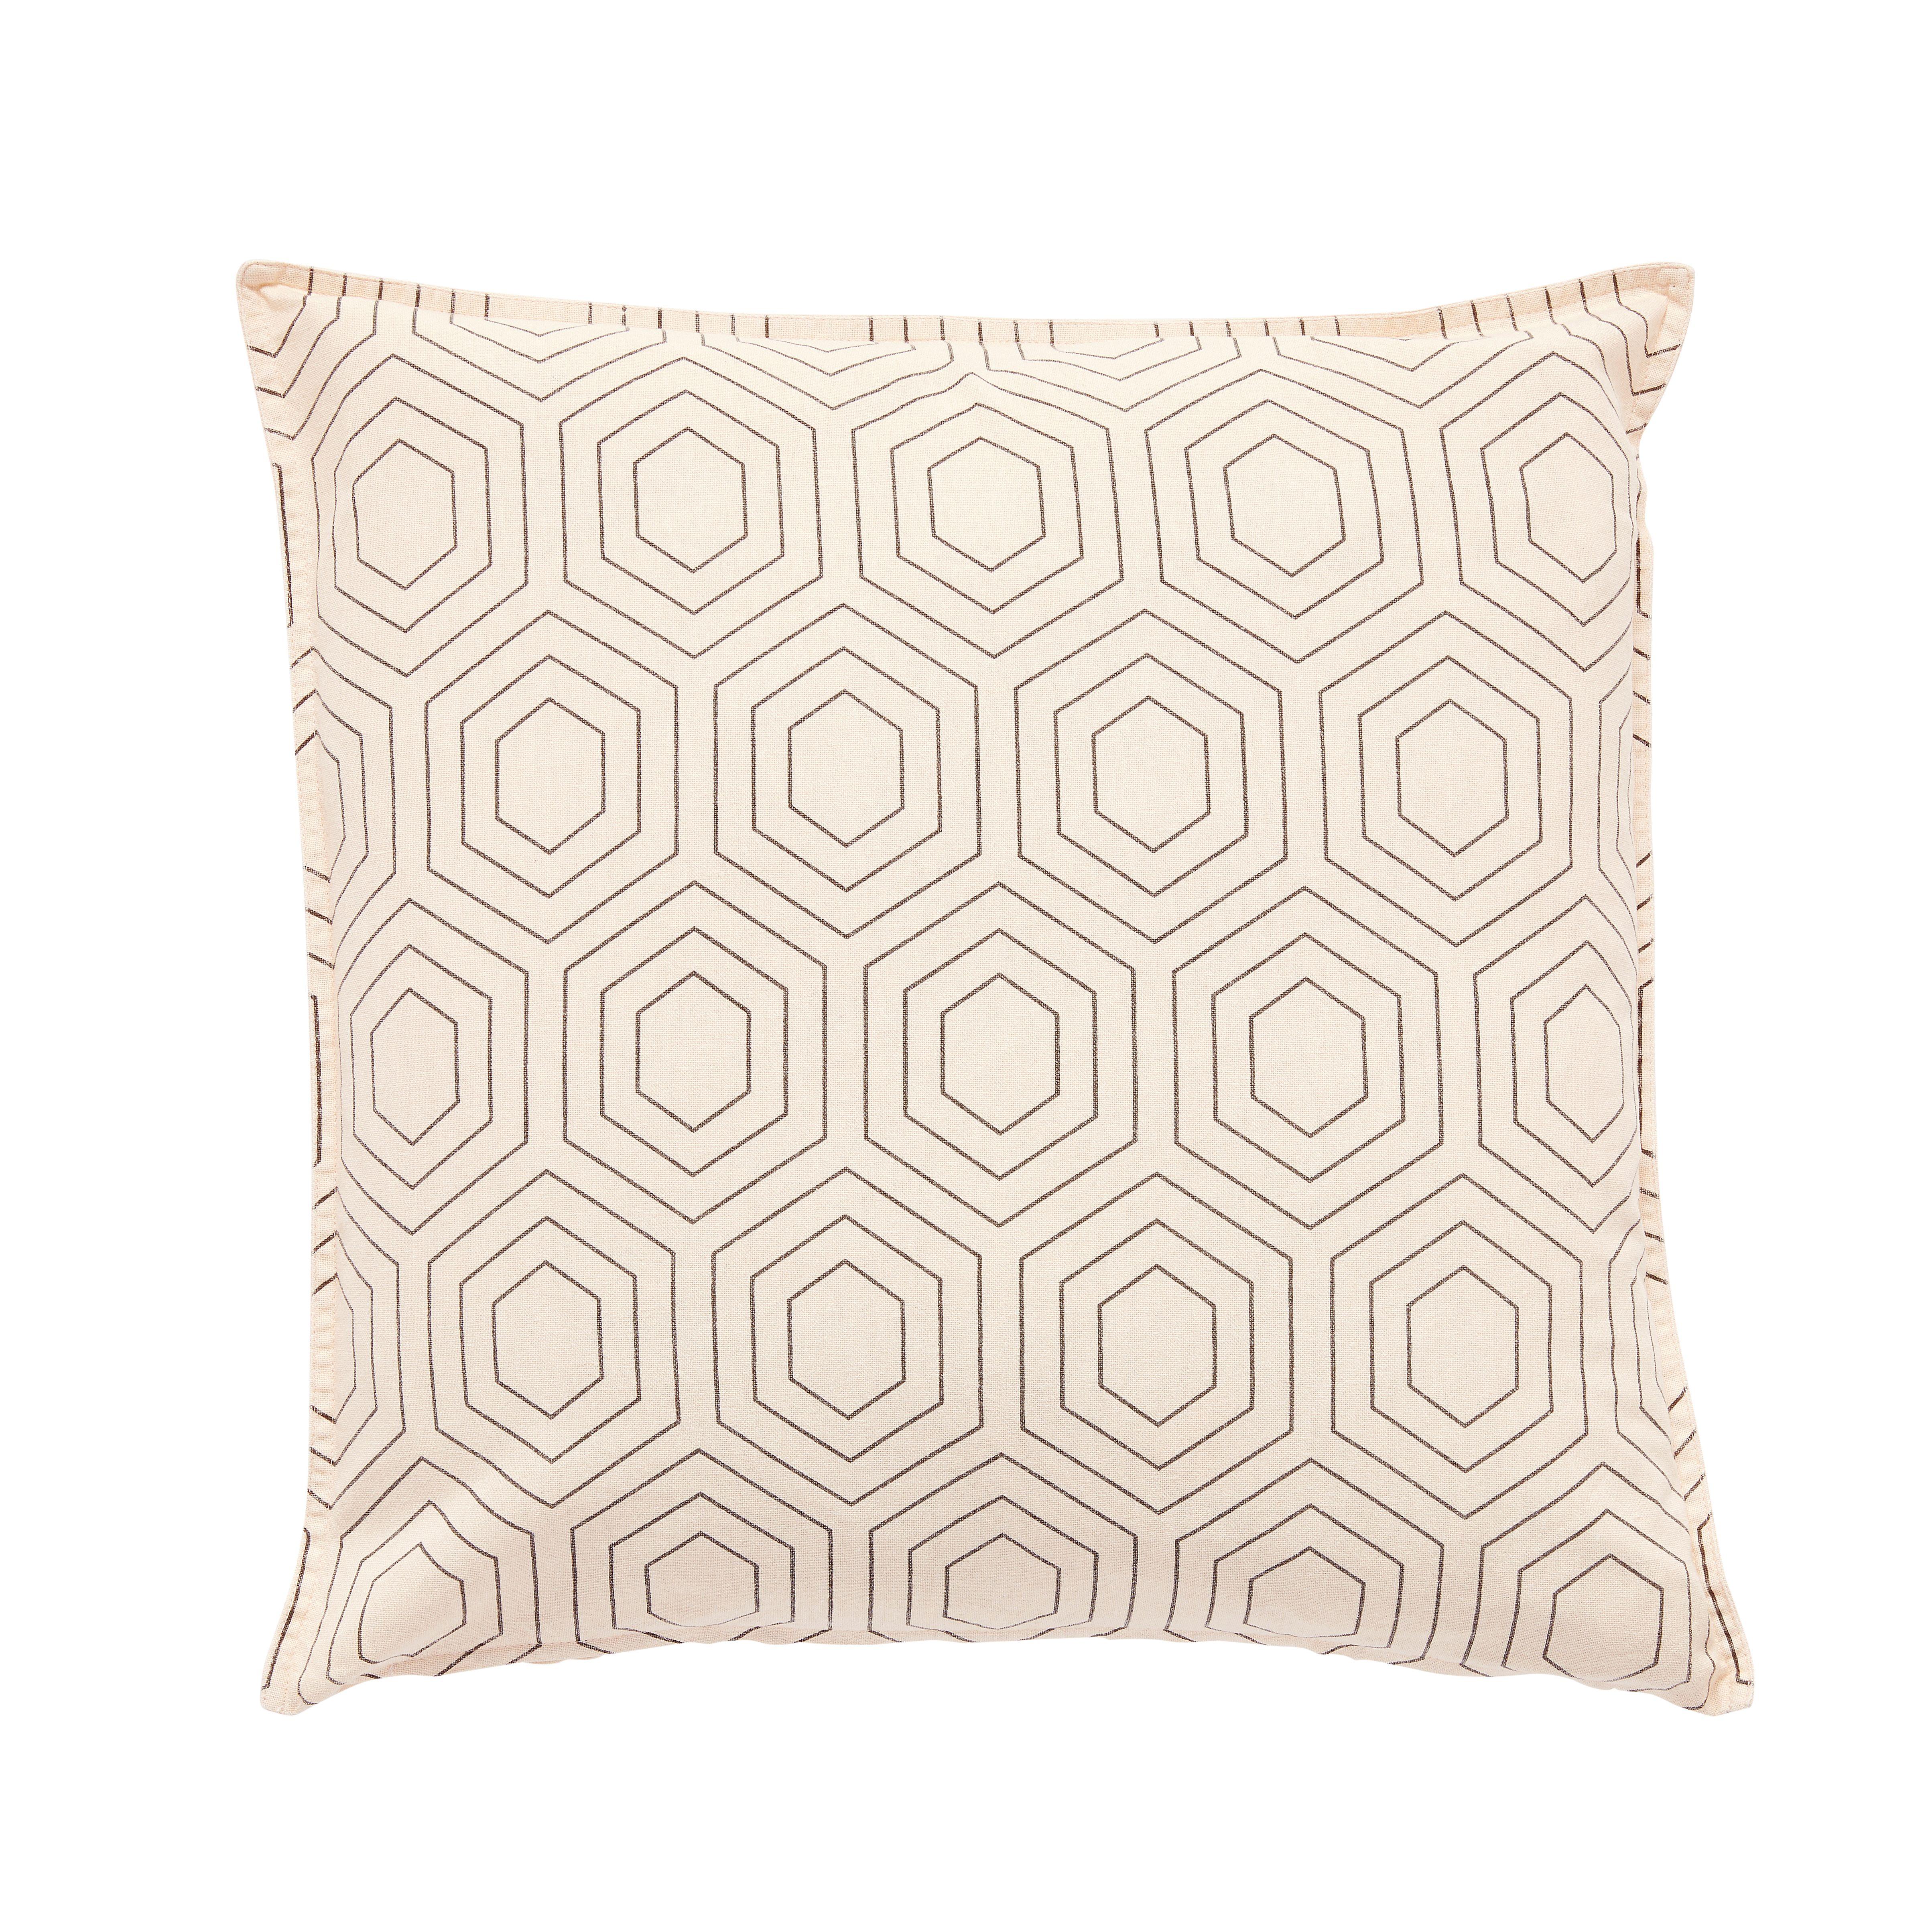 Design Kissen Mit Muster Skandinavisch Online Kaufen 50x50cm